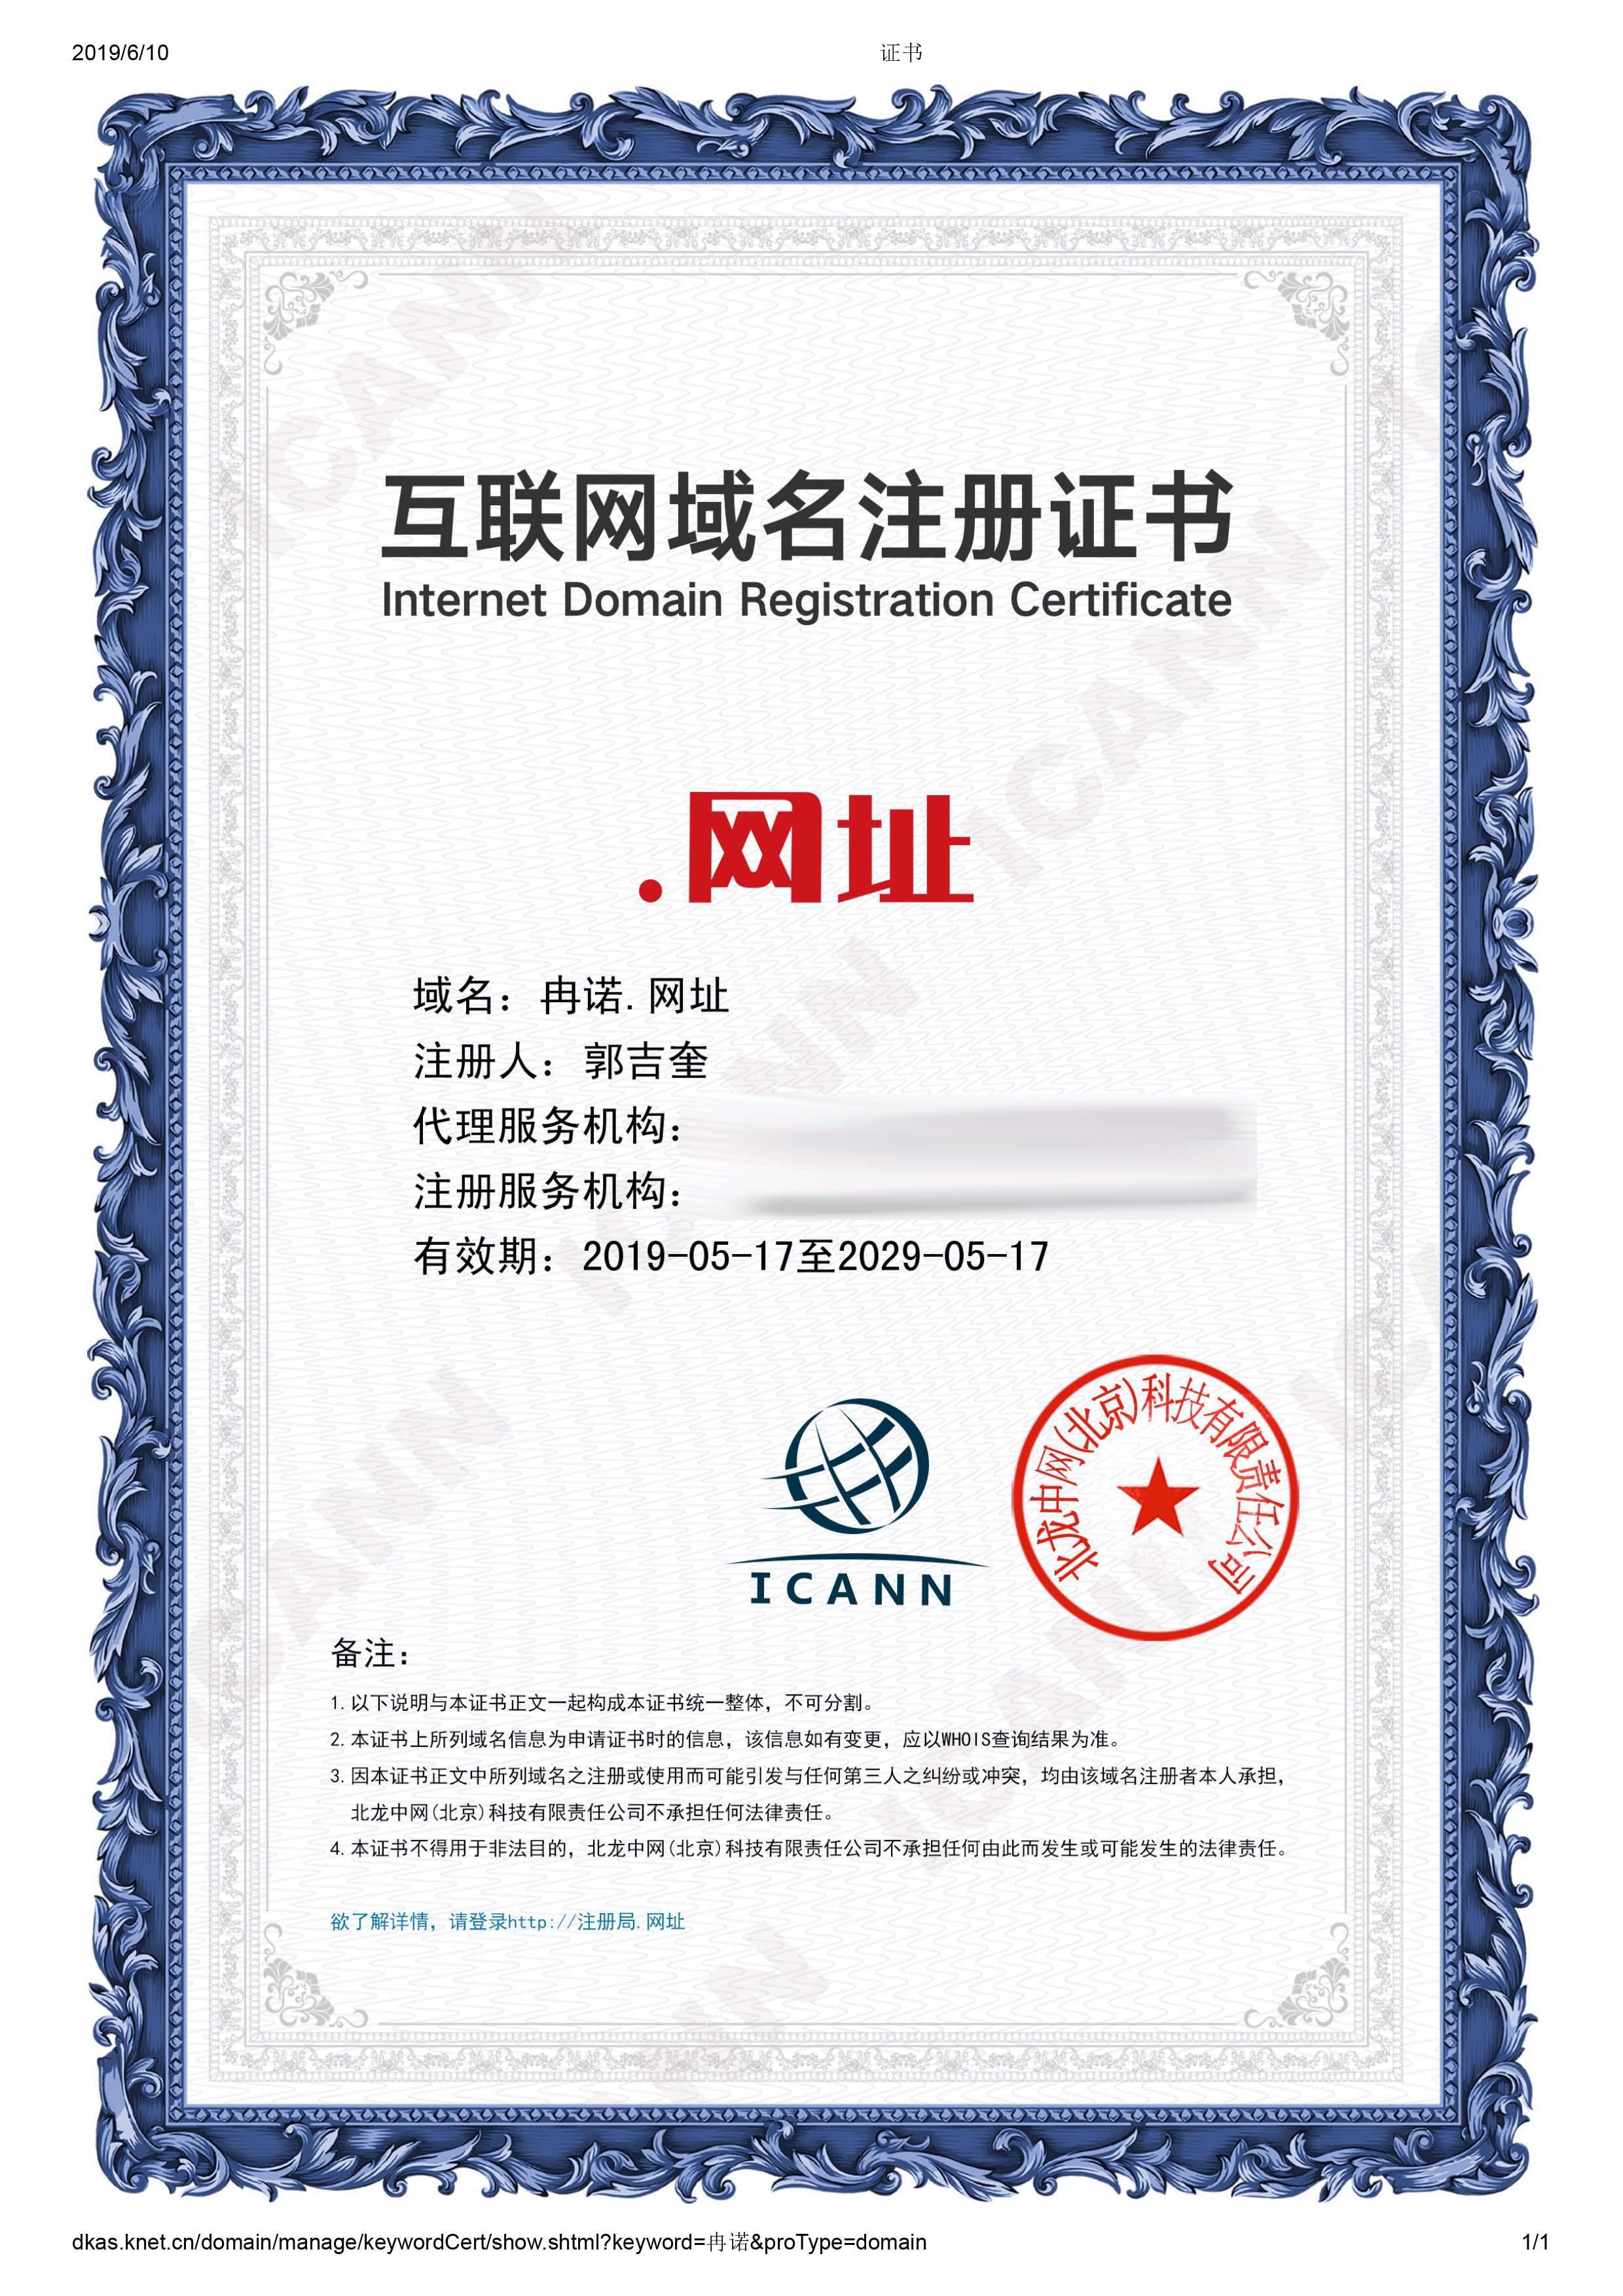 中文域名交易公司_域名買賣平臺相關-陜西宇騰電子商務有限公司云商